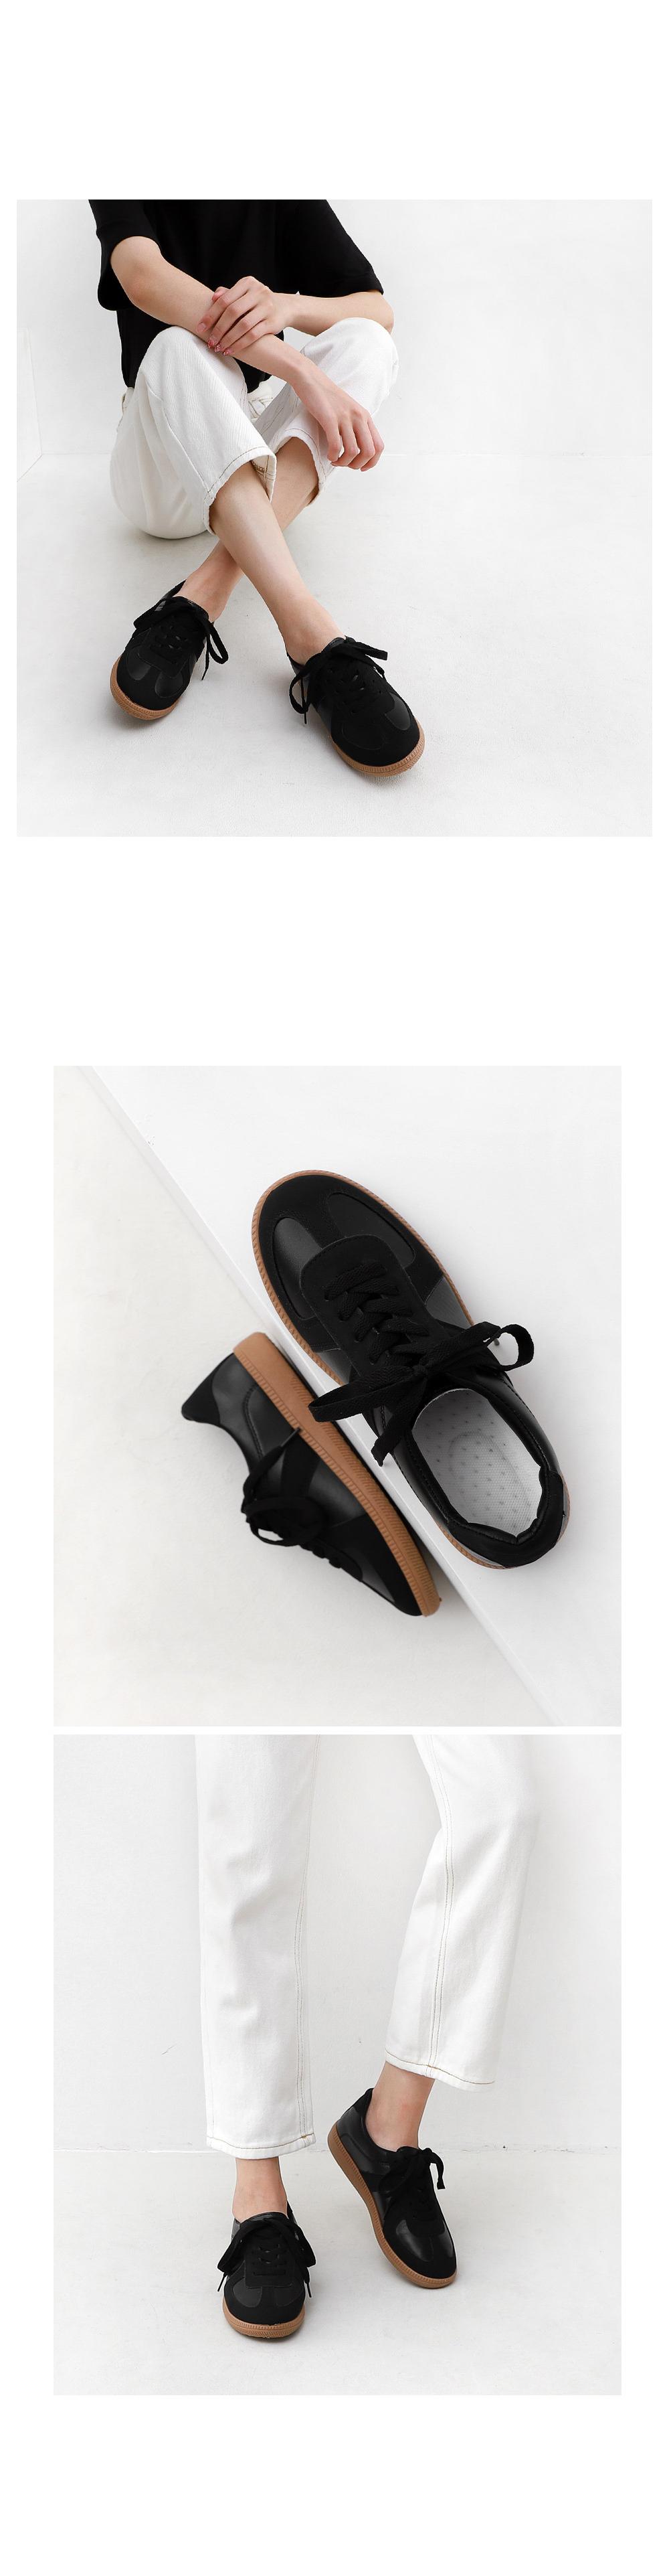 靴 商品画像-S1L13